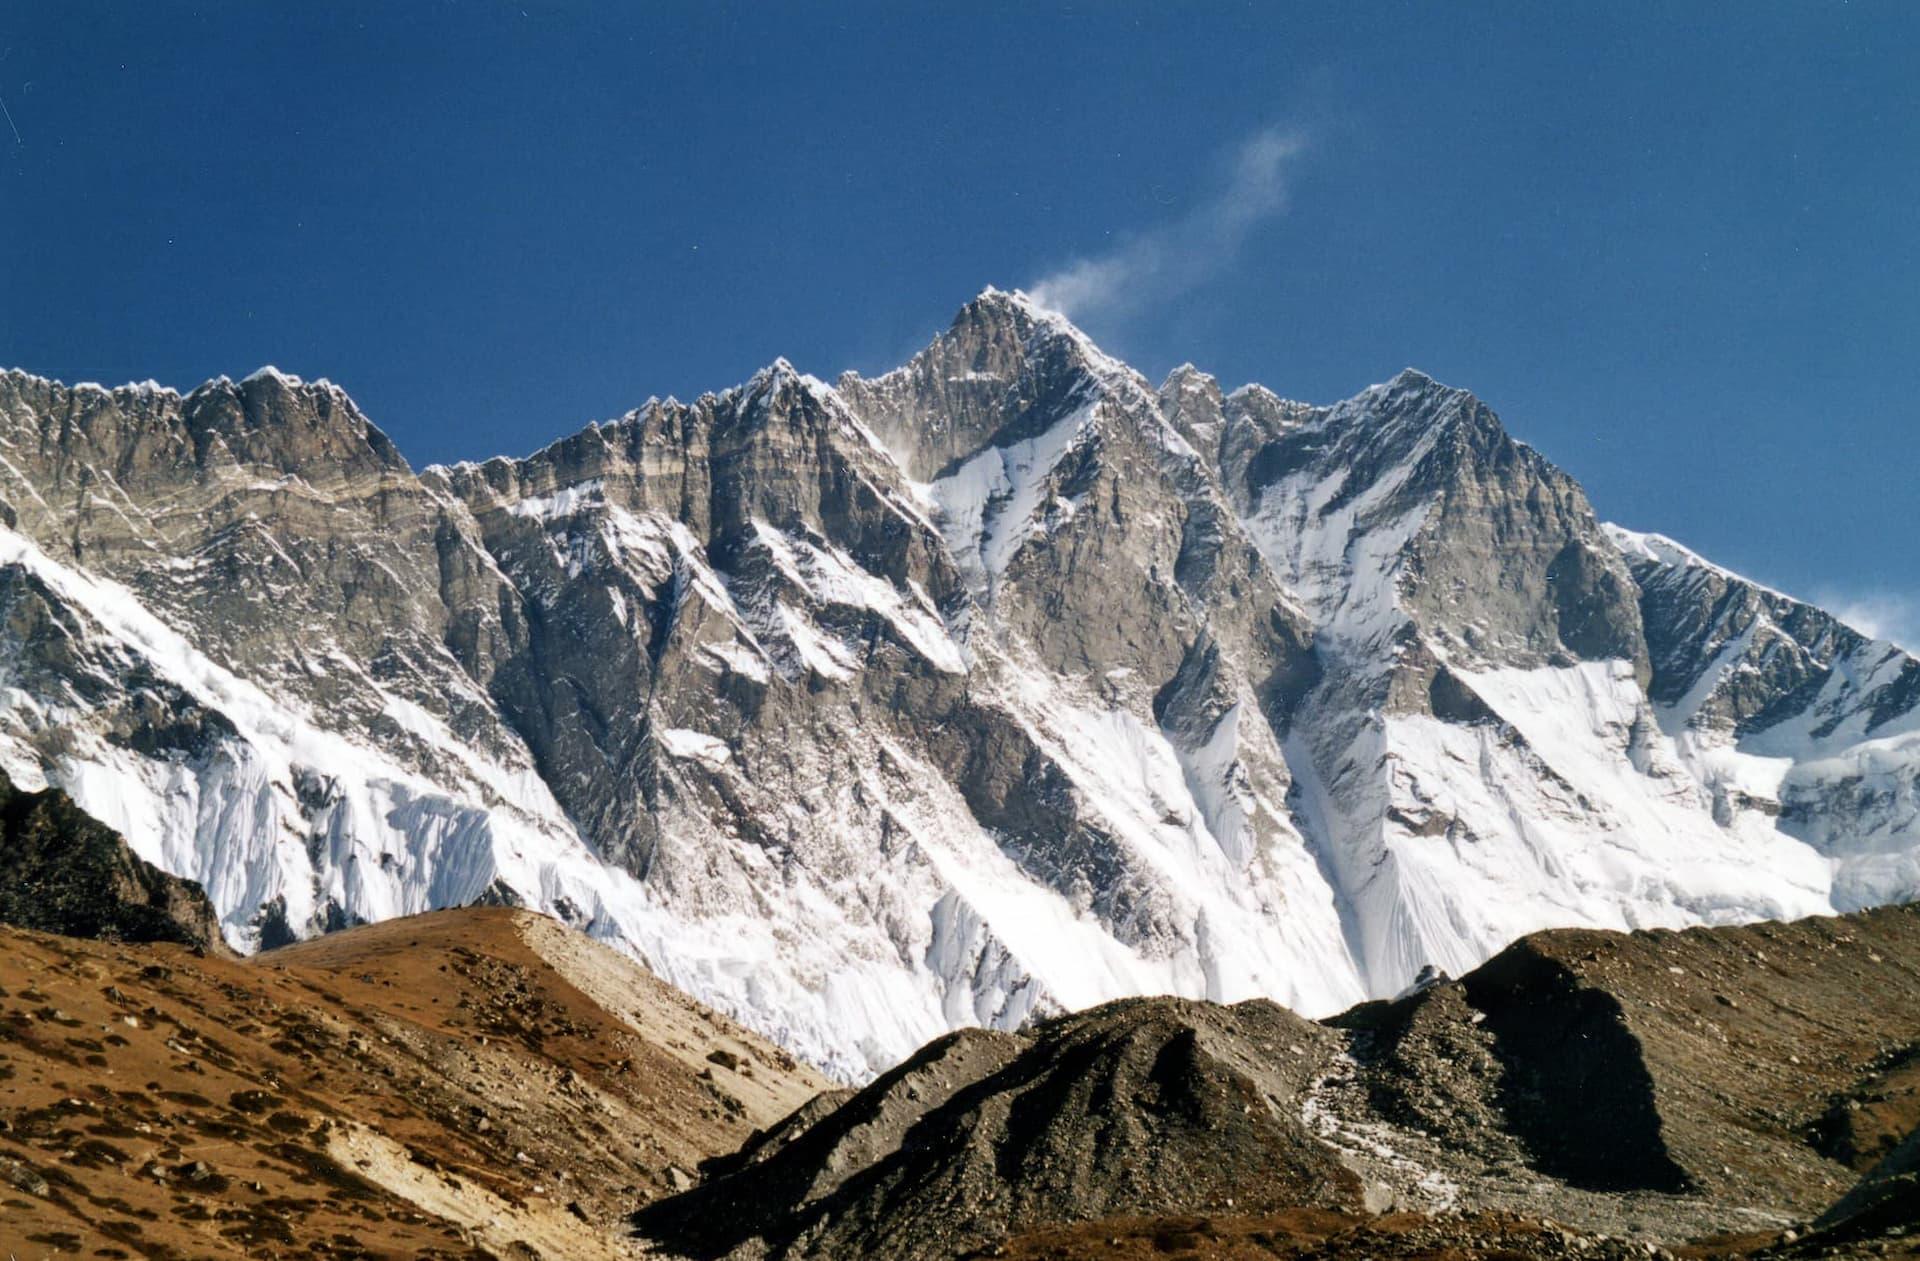 Locul 4 cei mai înalți munți - Lhotse